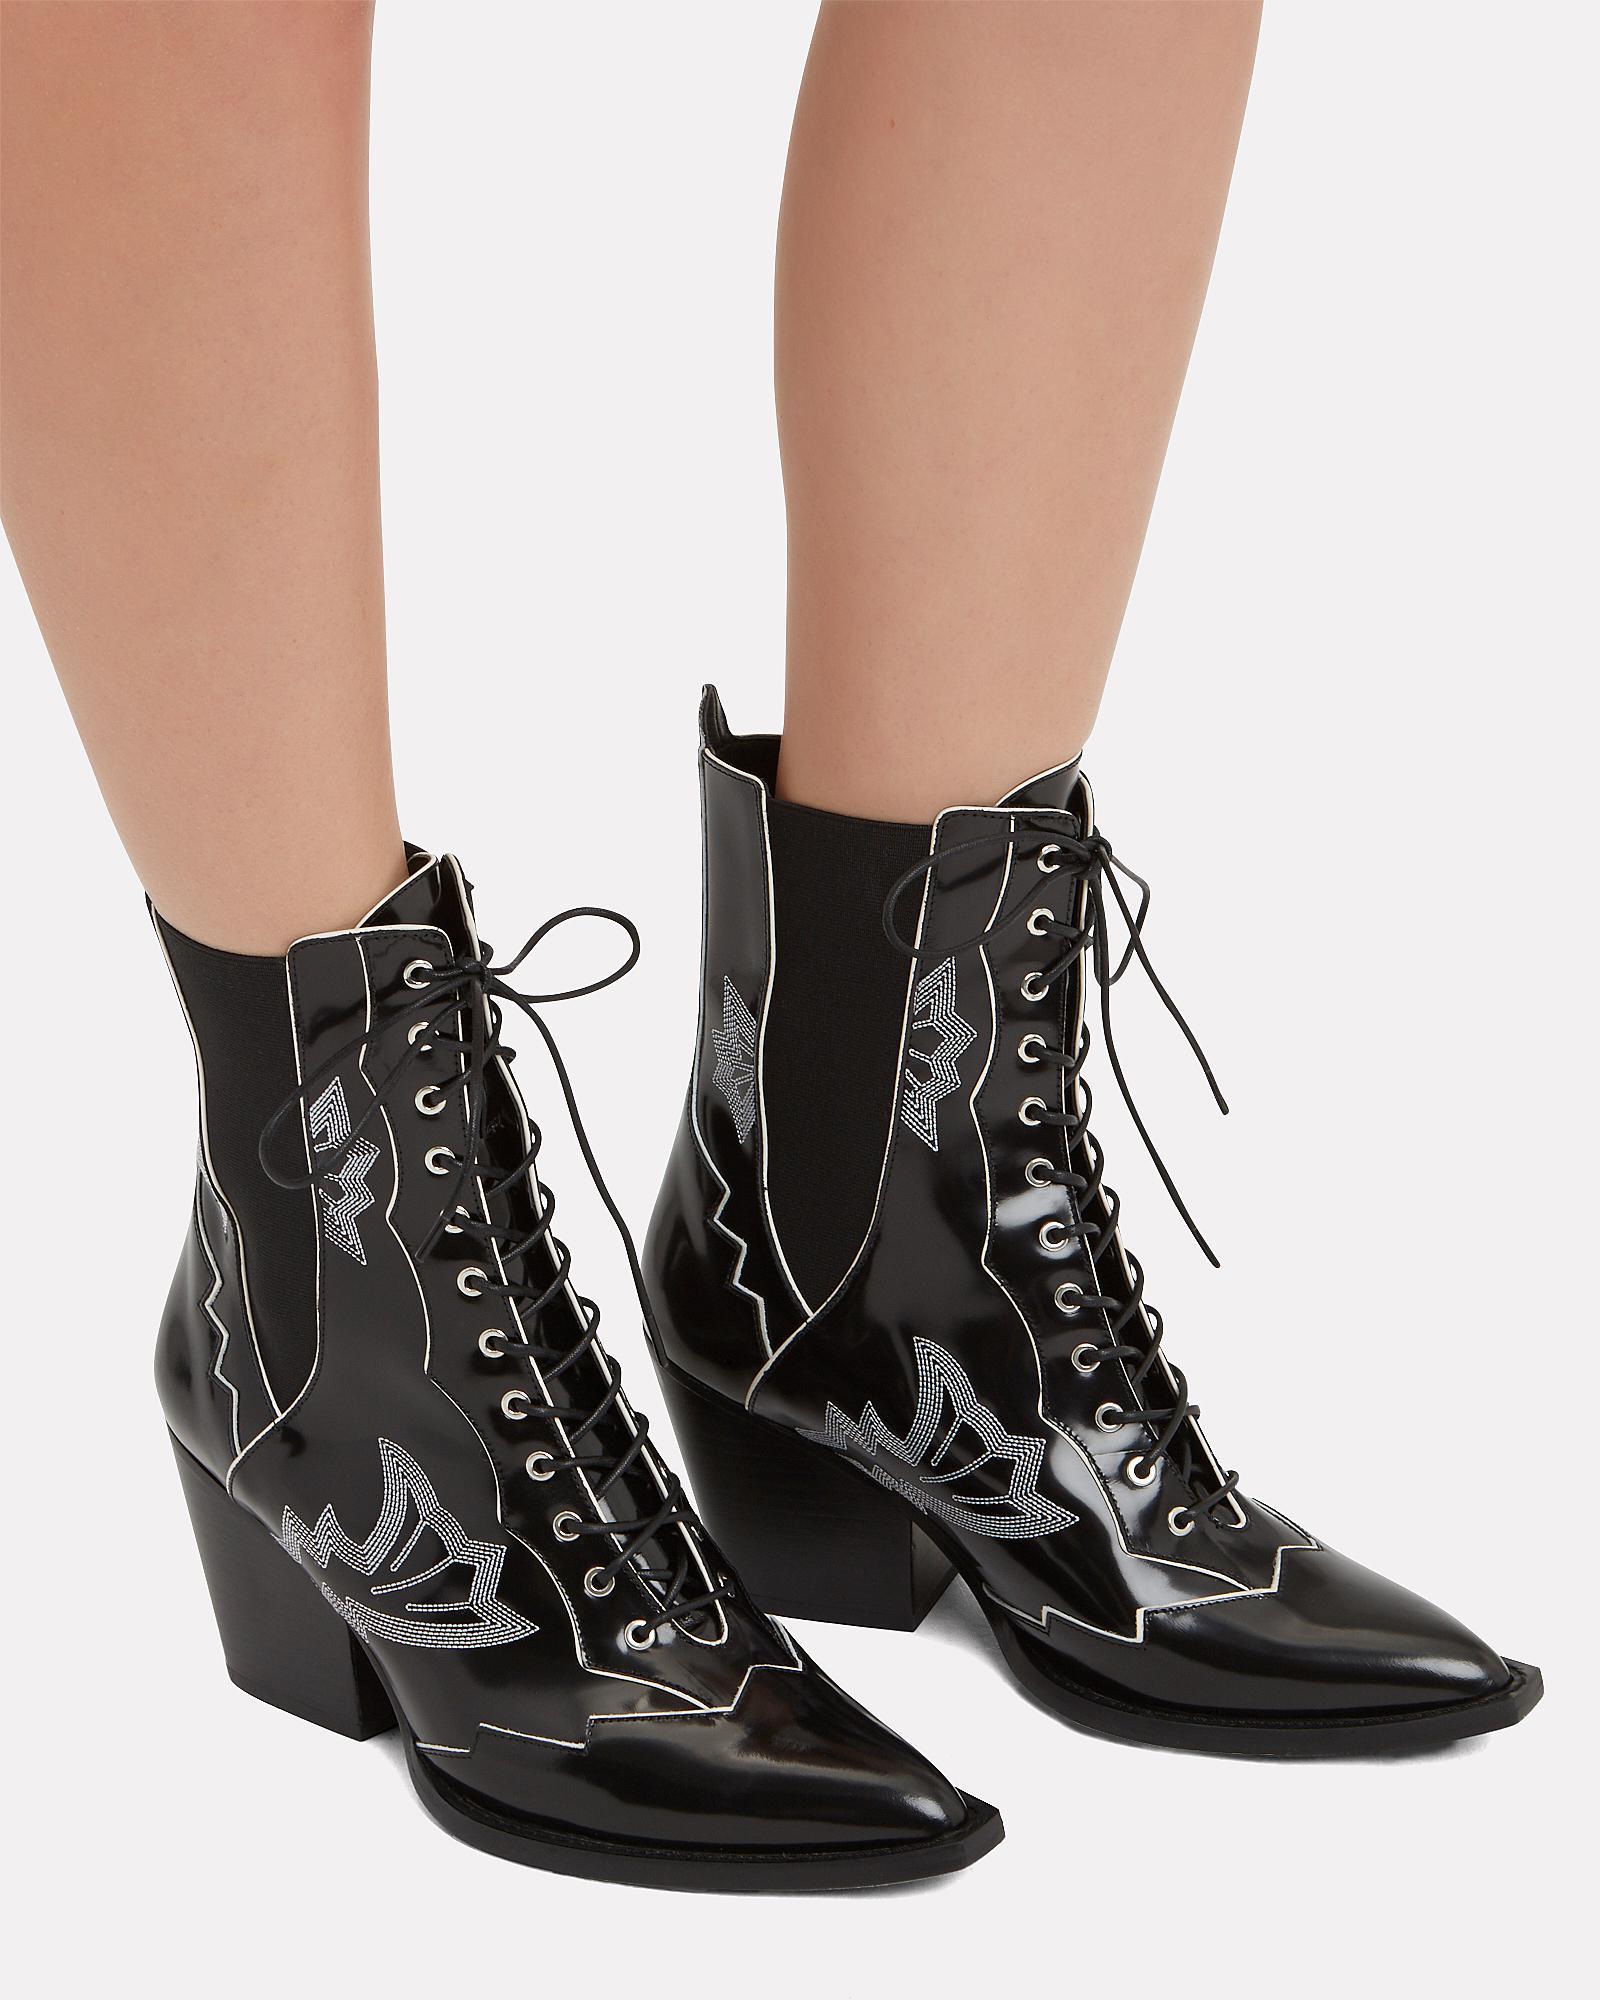 a37940e226335 Lyst - Coach Western Stitch Black Booties in Black